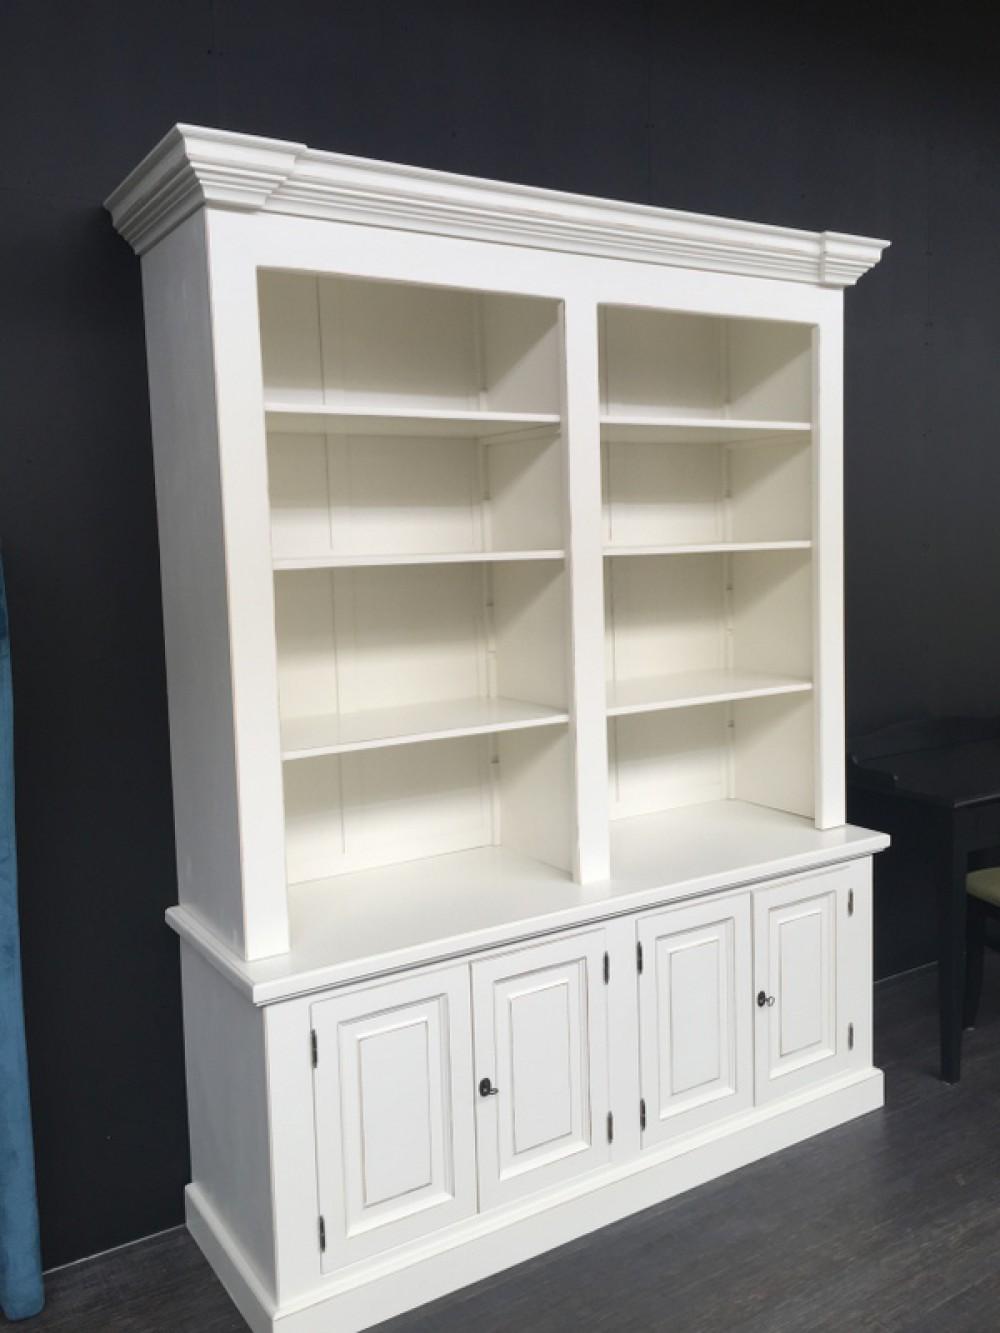 Bücherschränke - Classic Style - Möbel